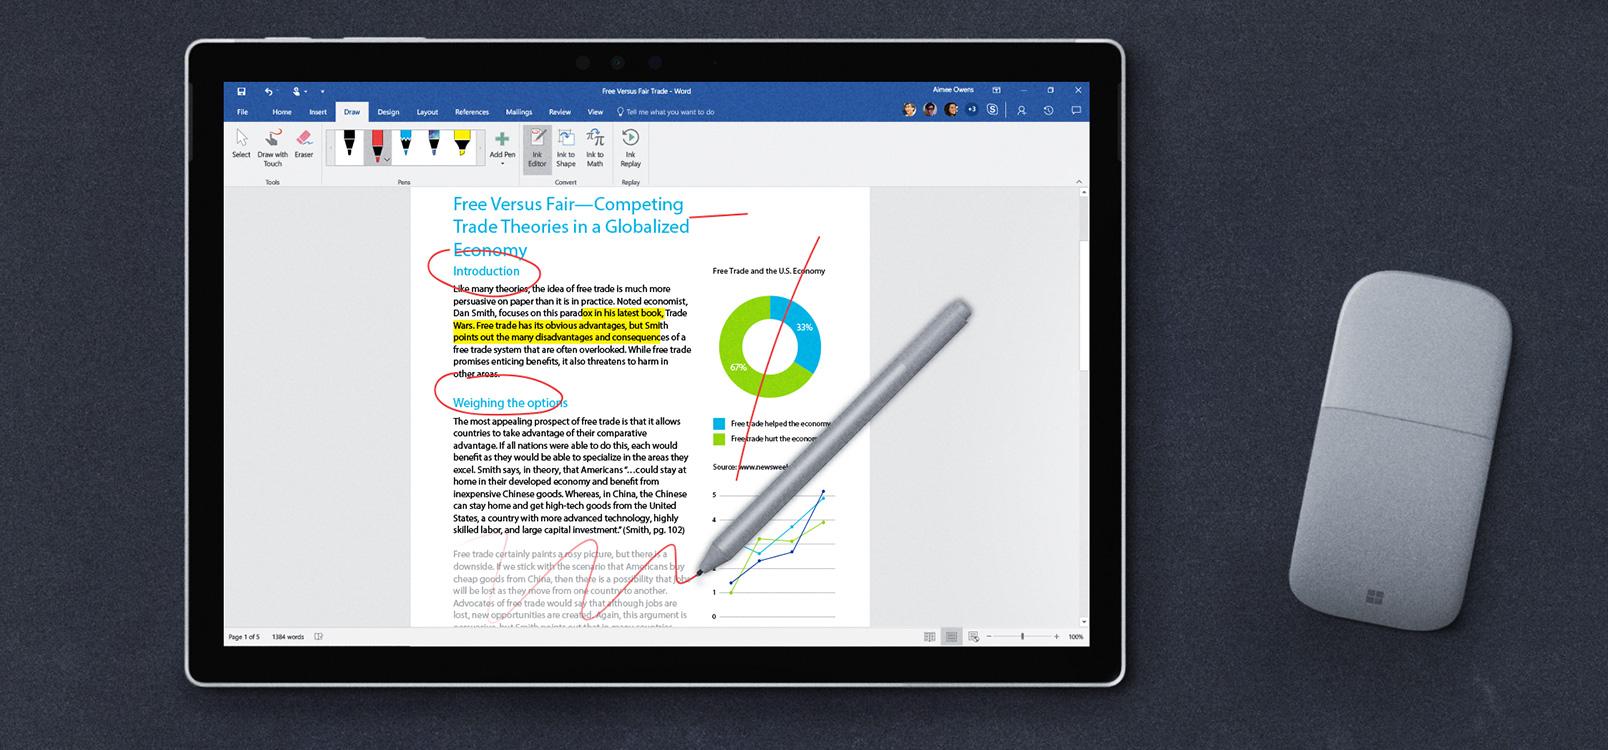 Οθόνη tablet που εμφανίζει το Πρόγραμμα επεξεργασίας μέσω γραφής